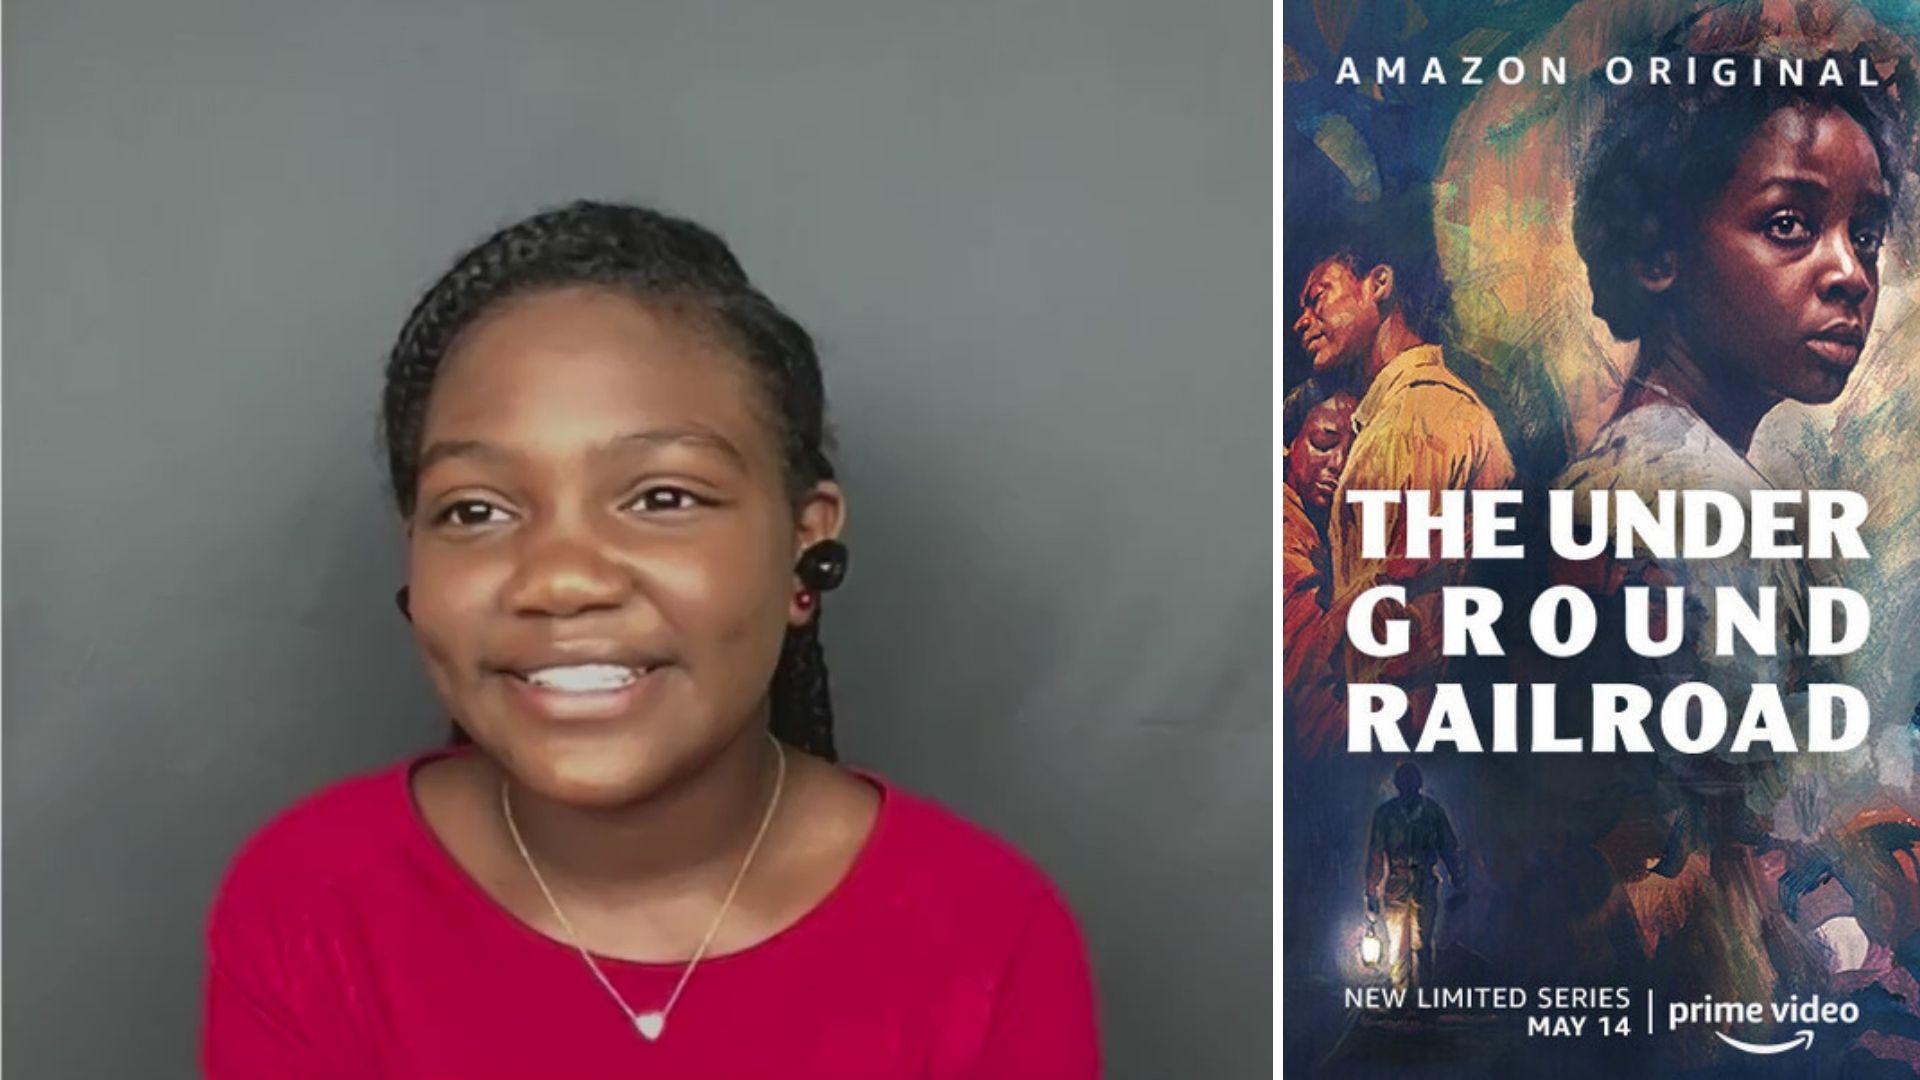 Underground Railroad star Kylee D Allen